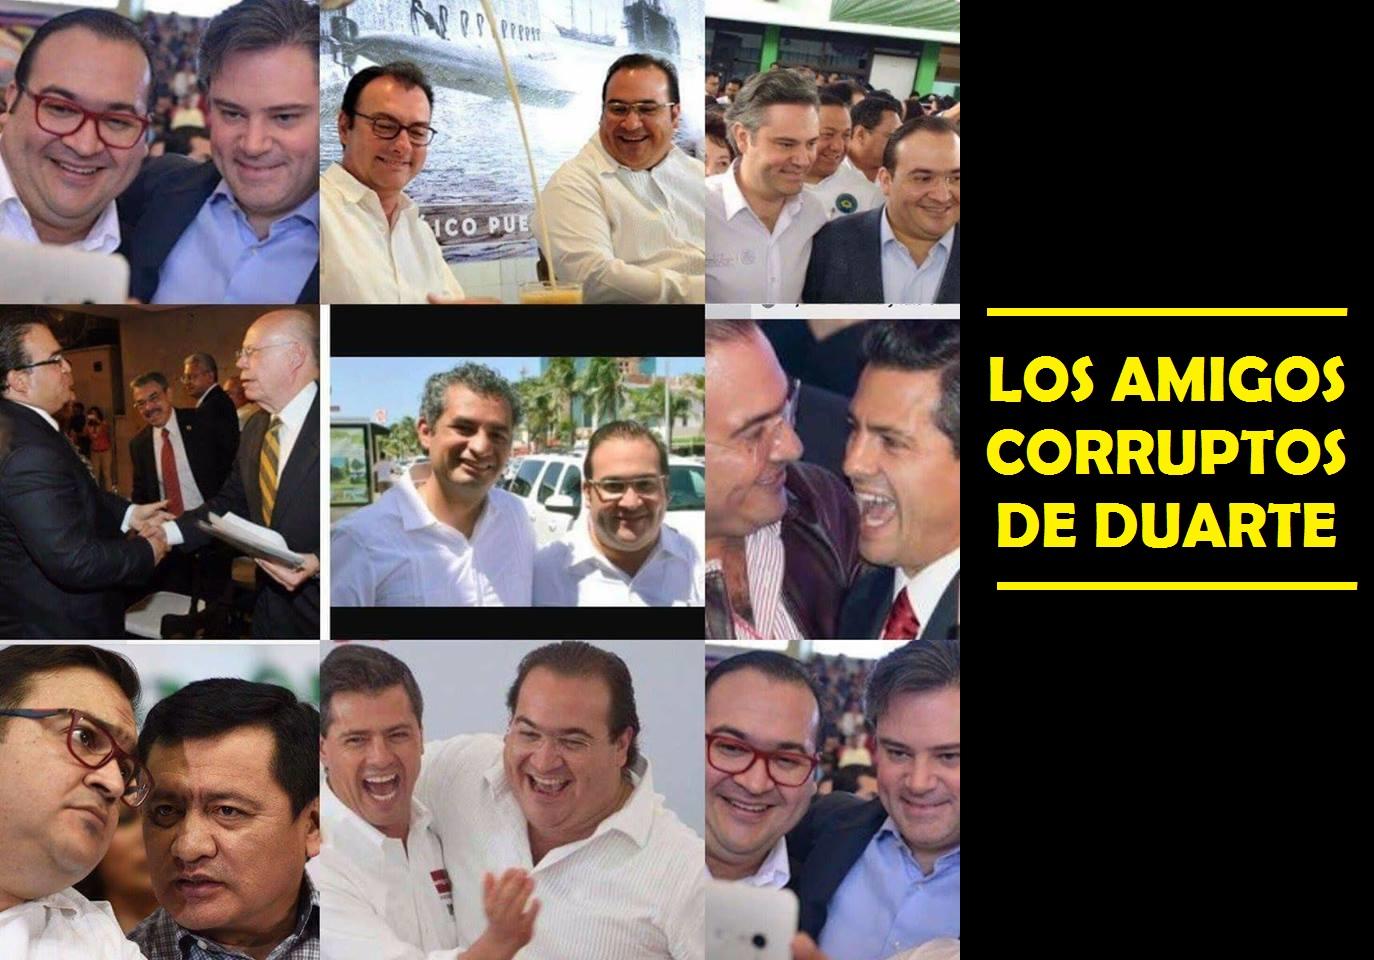 Los amigos de Duarte...